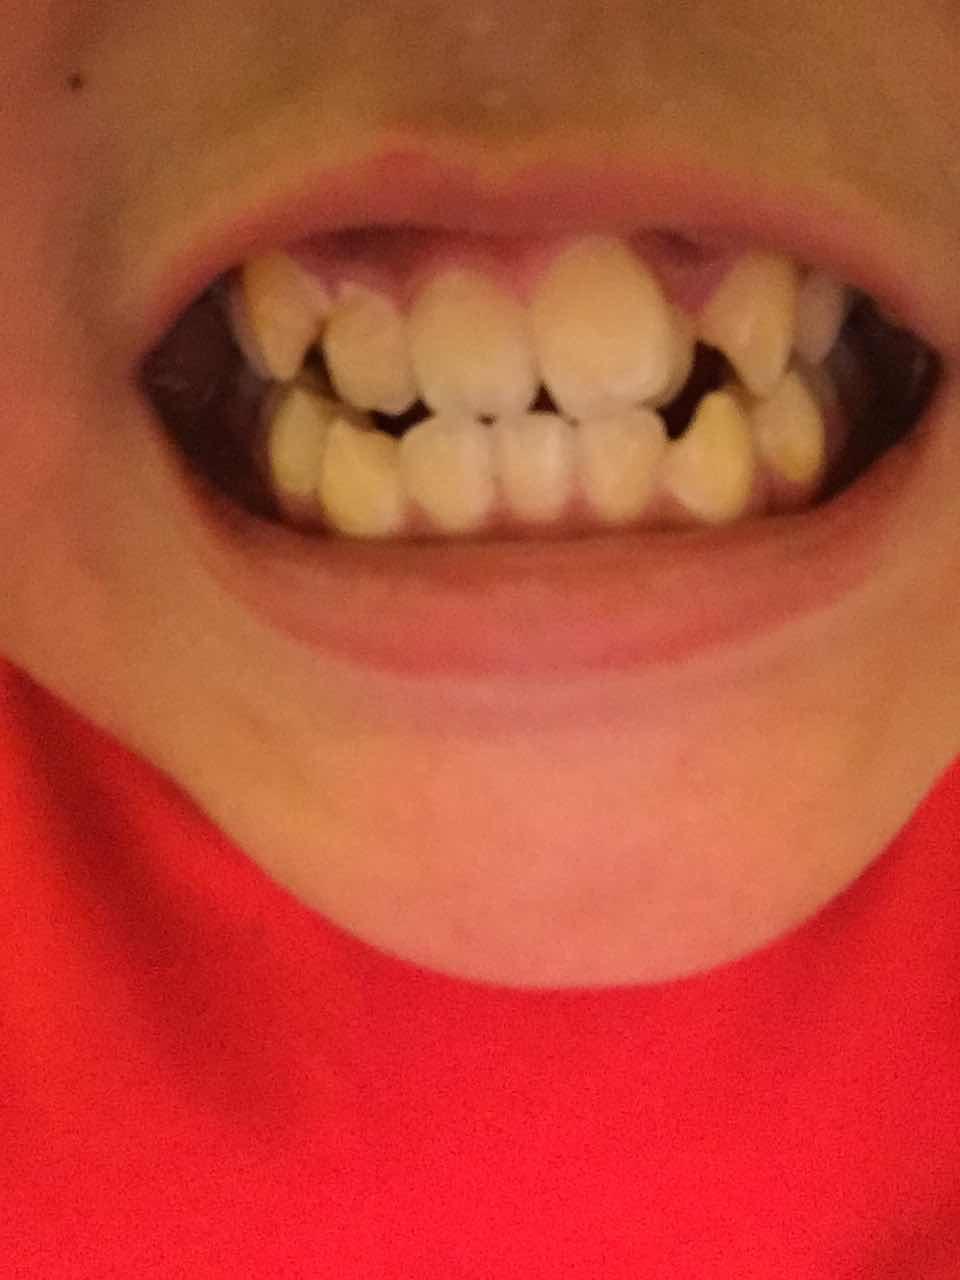 牙齿排列不齐怎么办,好吓人,应该怎么做比较好呢